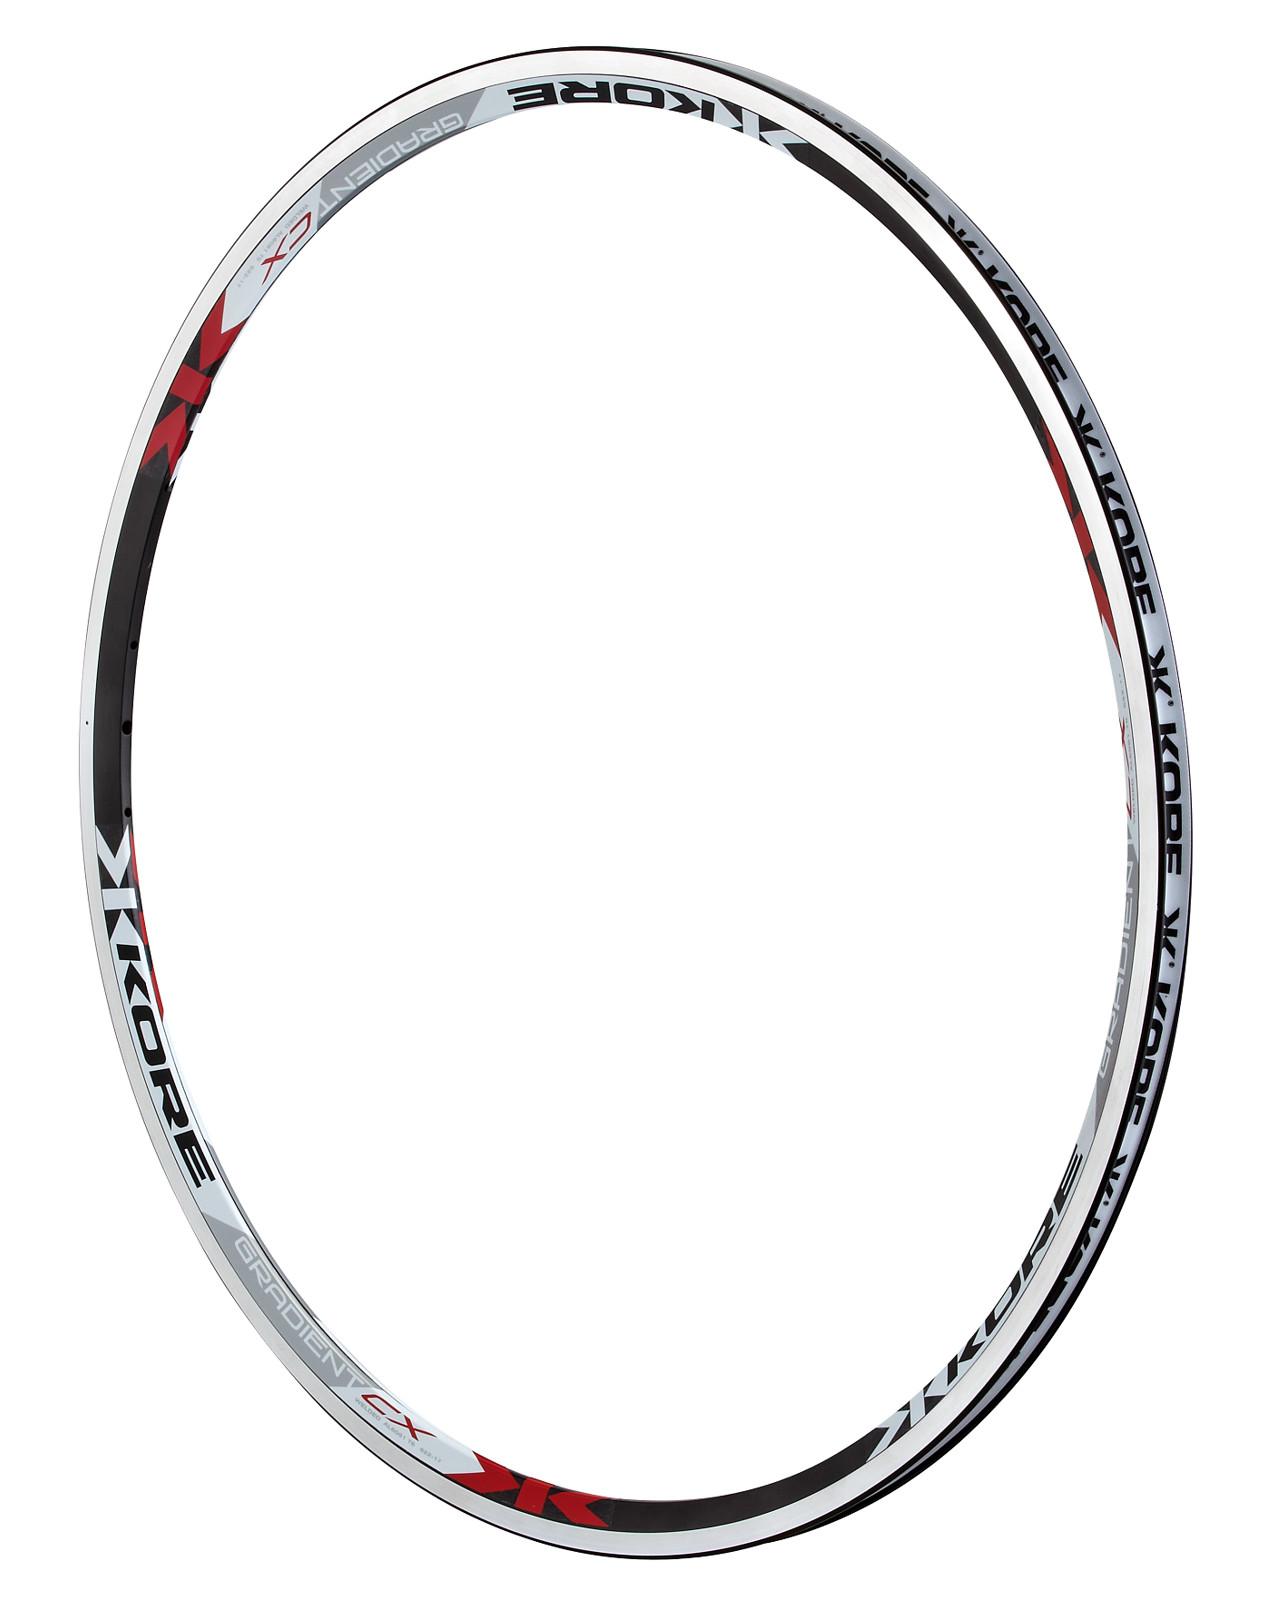 Rim - Gradient CX Blk